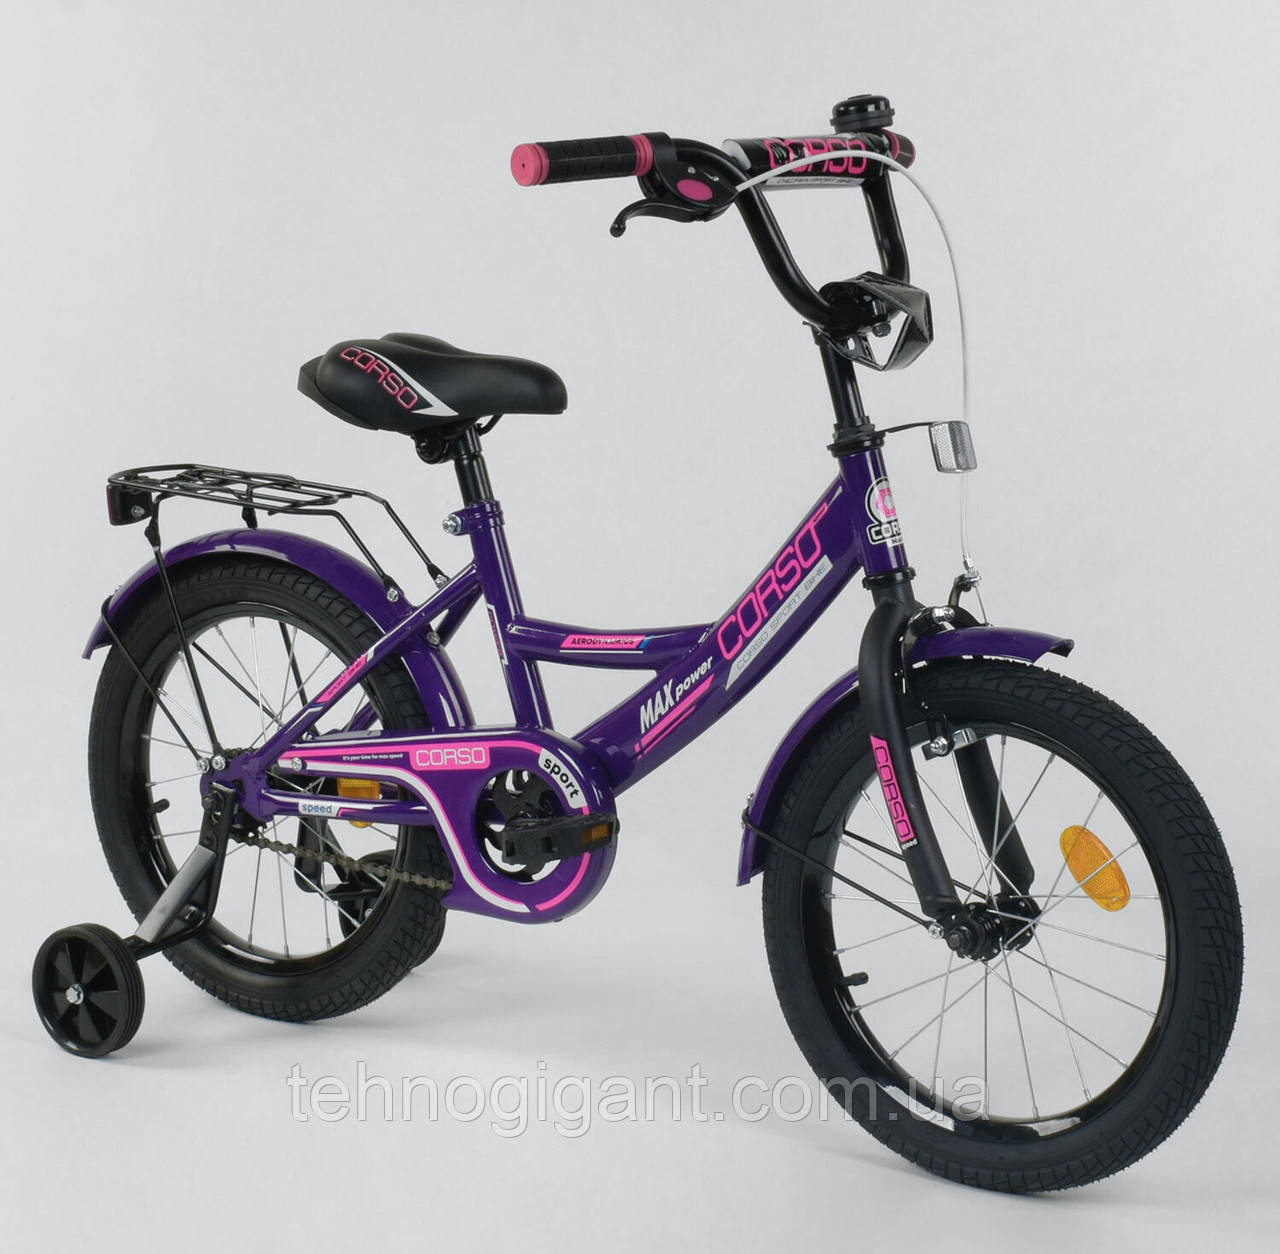 Велосипед детский двухколесный 16 Фиолетовый, CORSO CL-16, 4-6 лет, боковые колеса, ручной тормоз, багажник